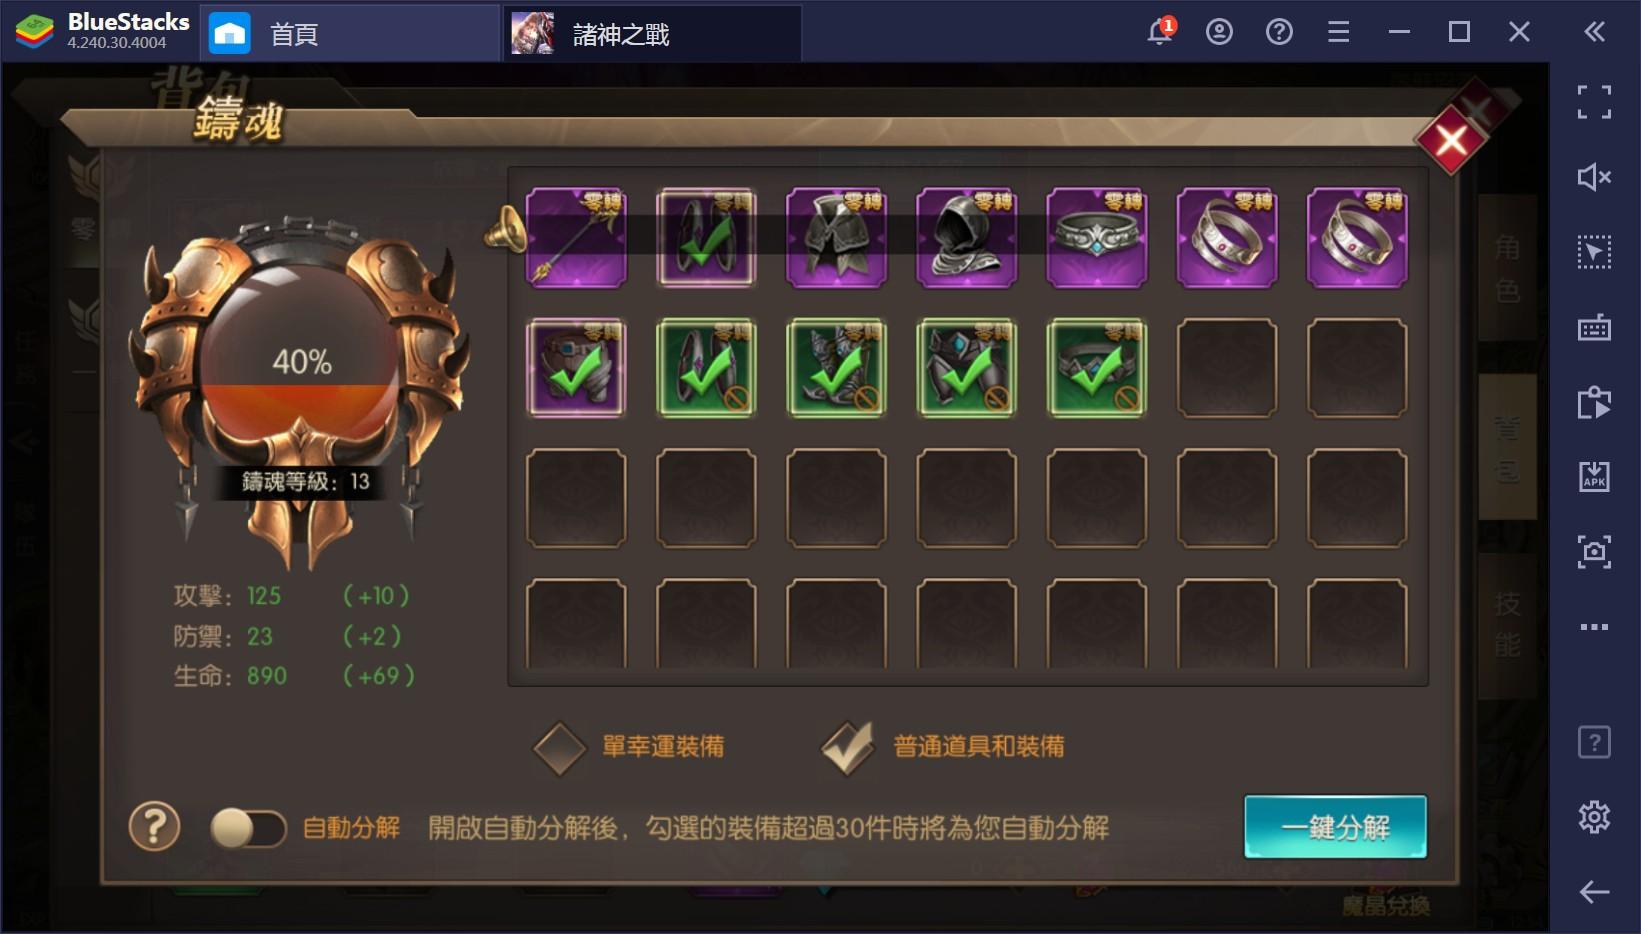 使用BlueStacks在PC上遊玩手機遊戲《諸神之戰:覺醒》